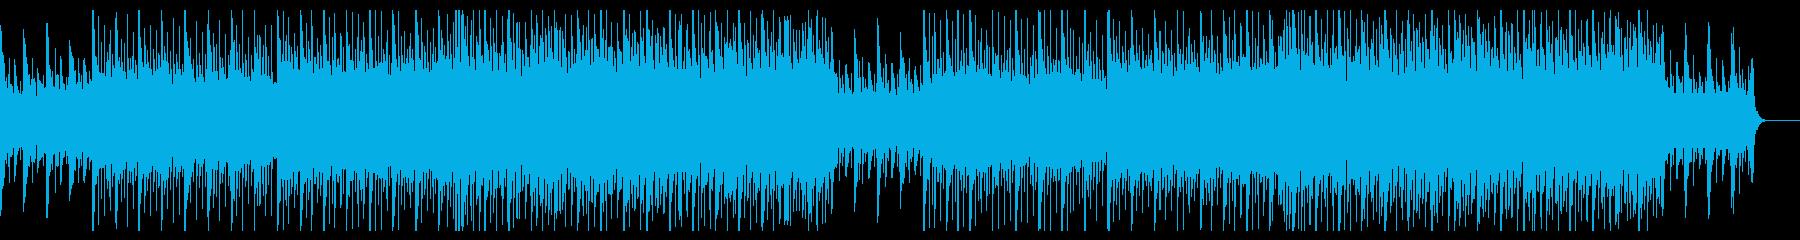 透明感ある爽やかなピアノポップロックの再生済みの波形